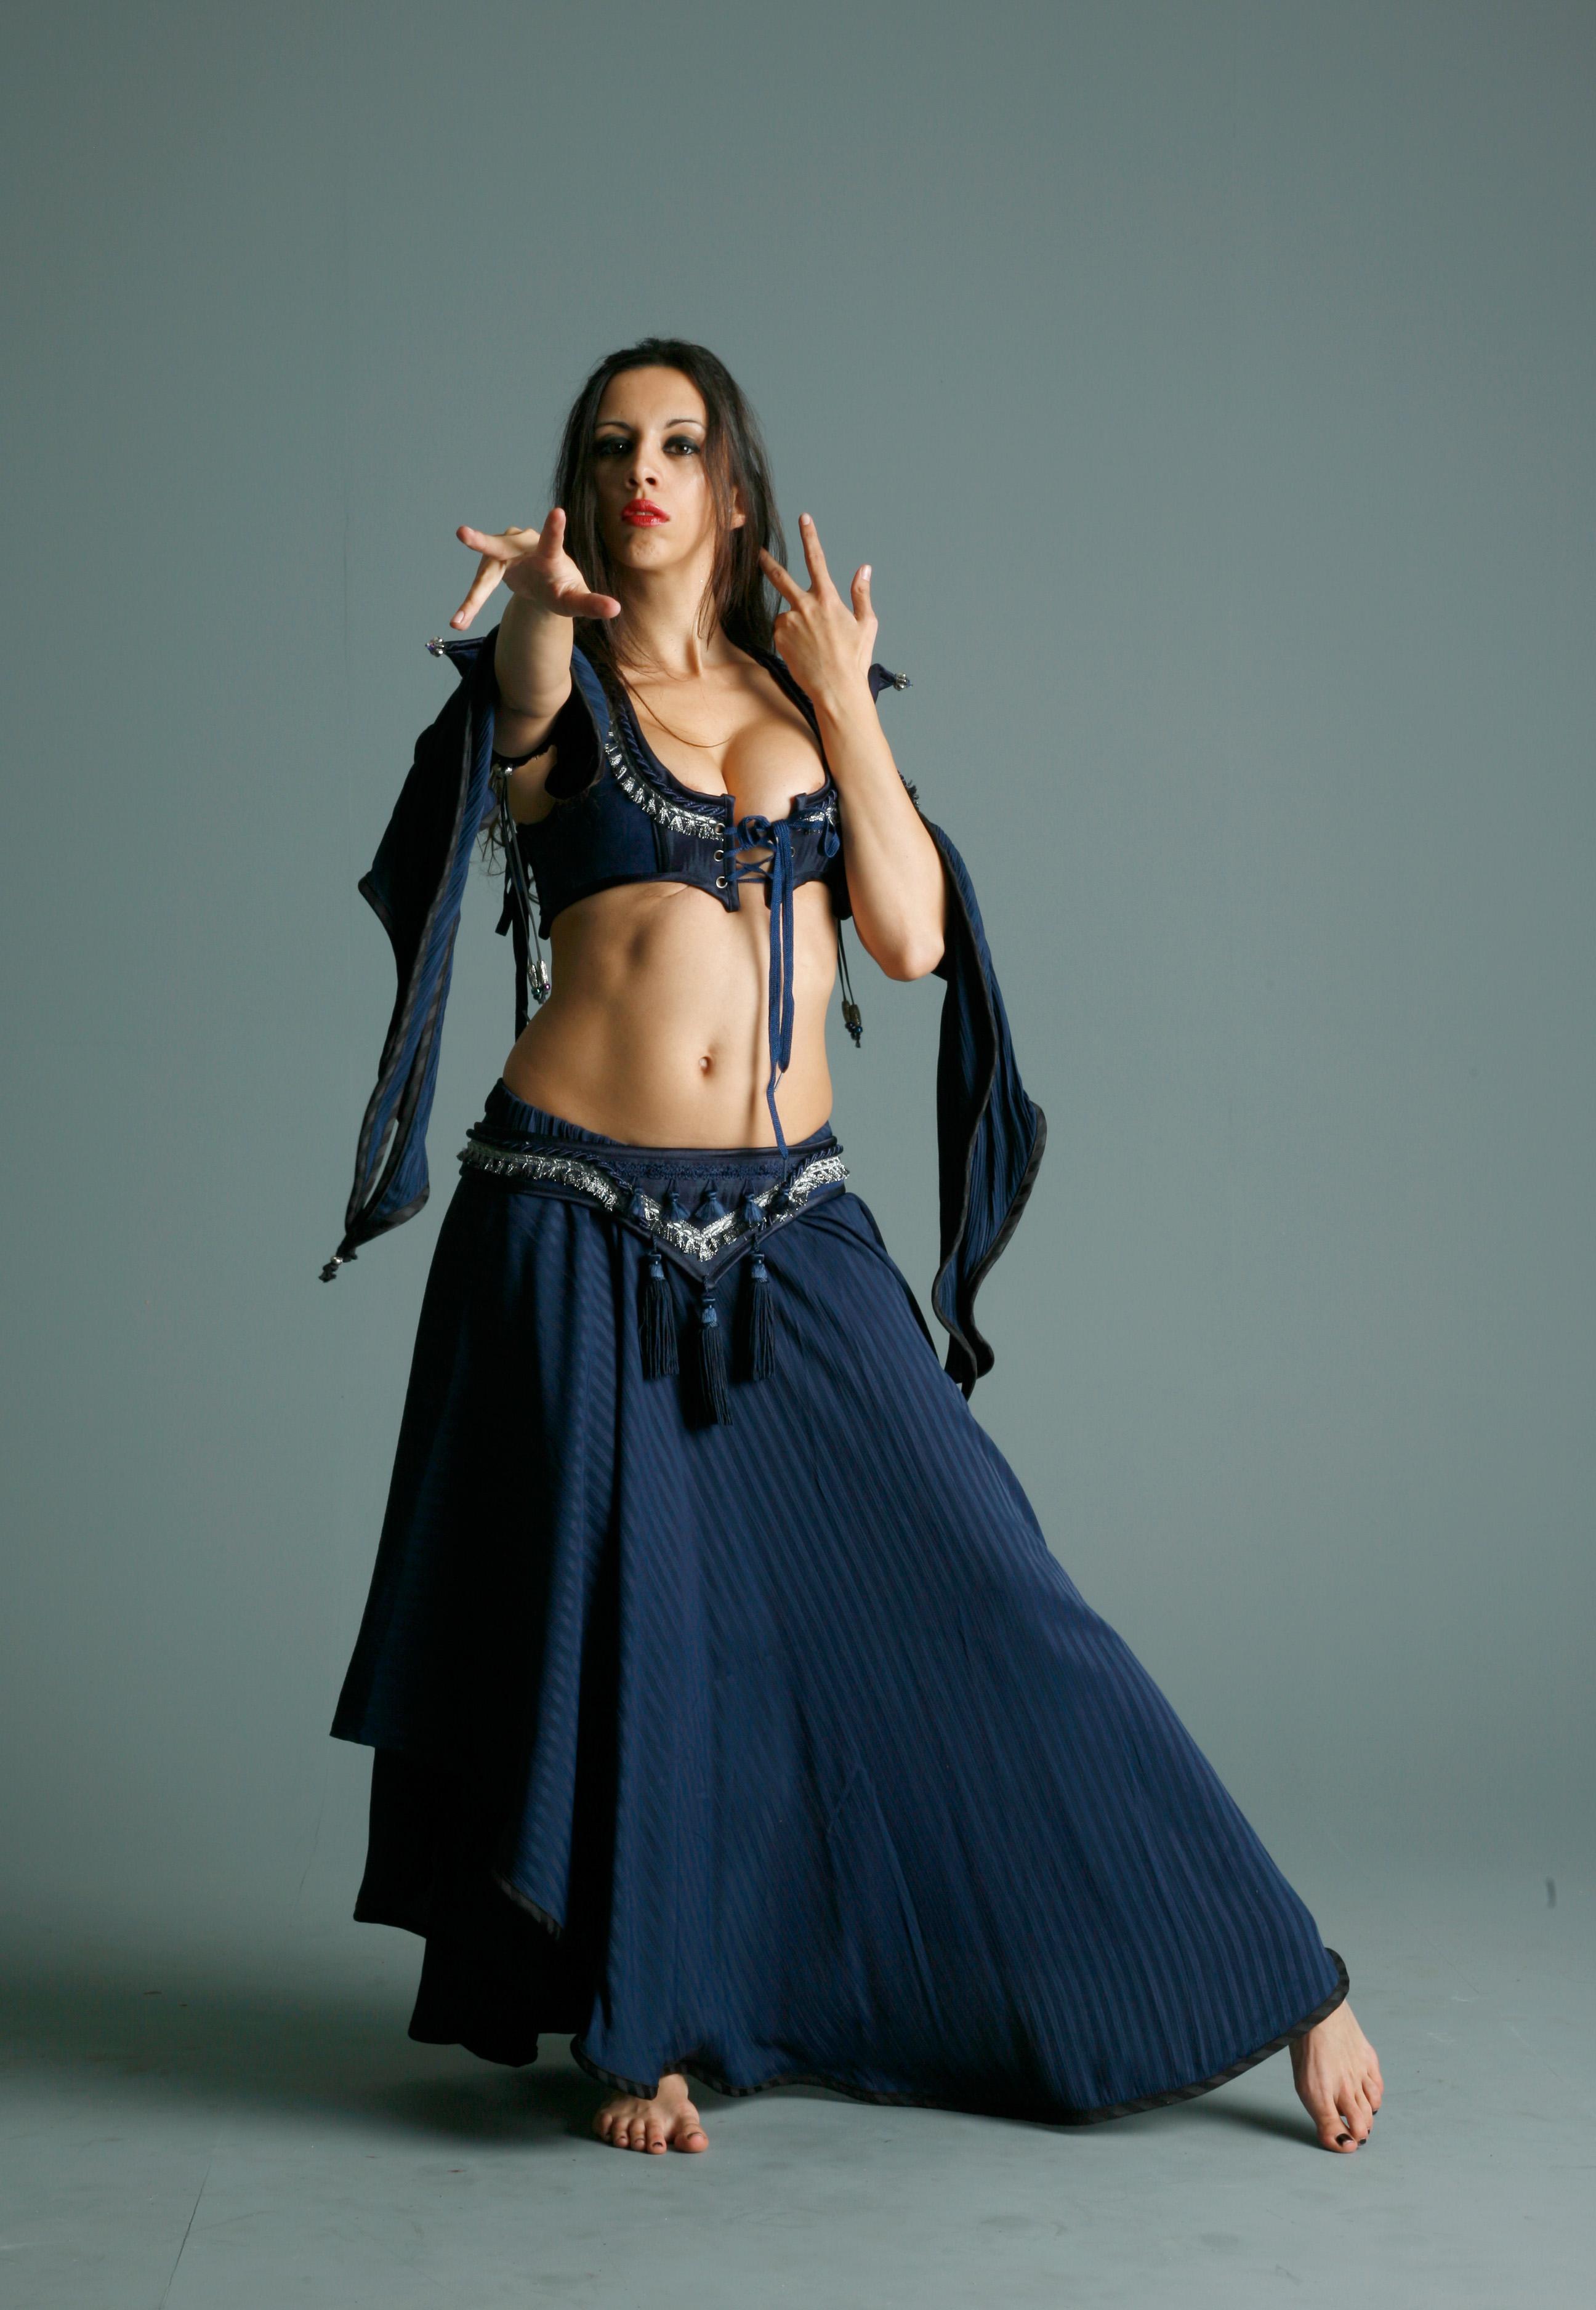 Desert Dancer - 9 by mjranum-stock